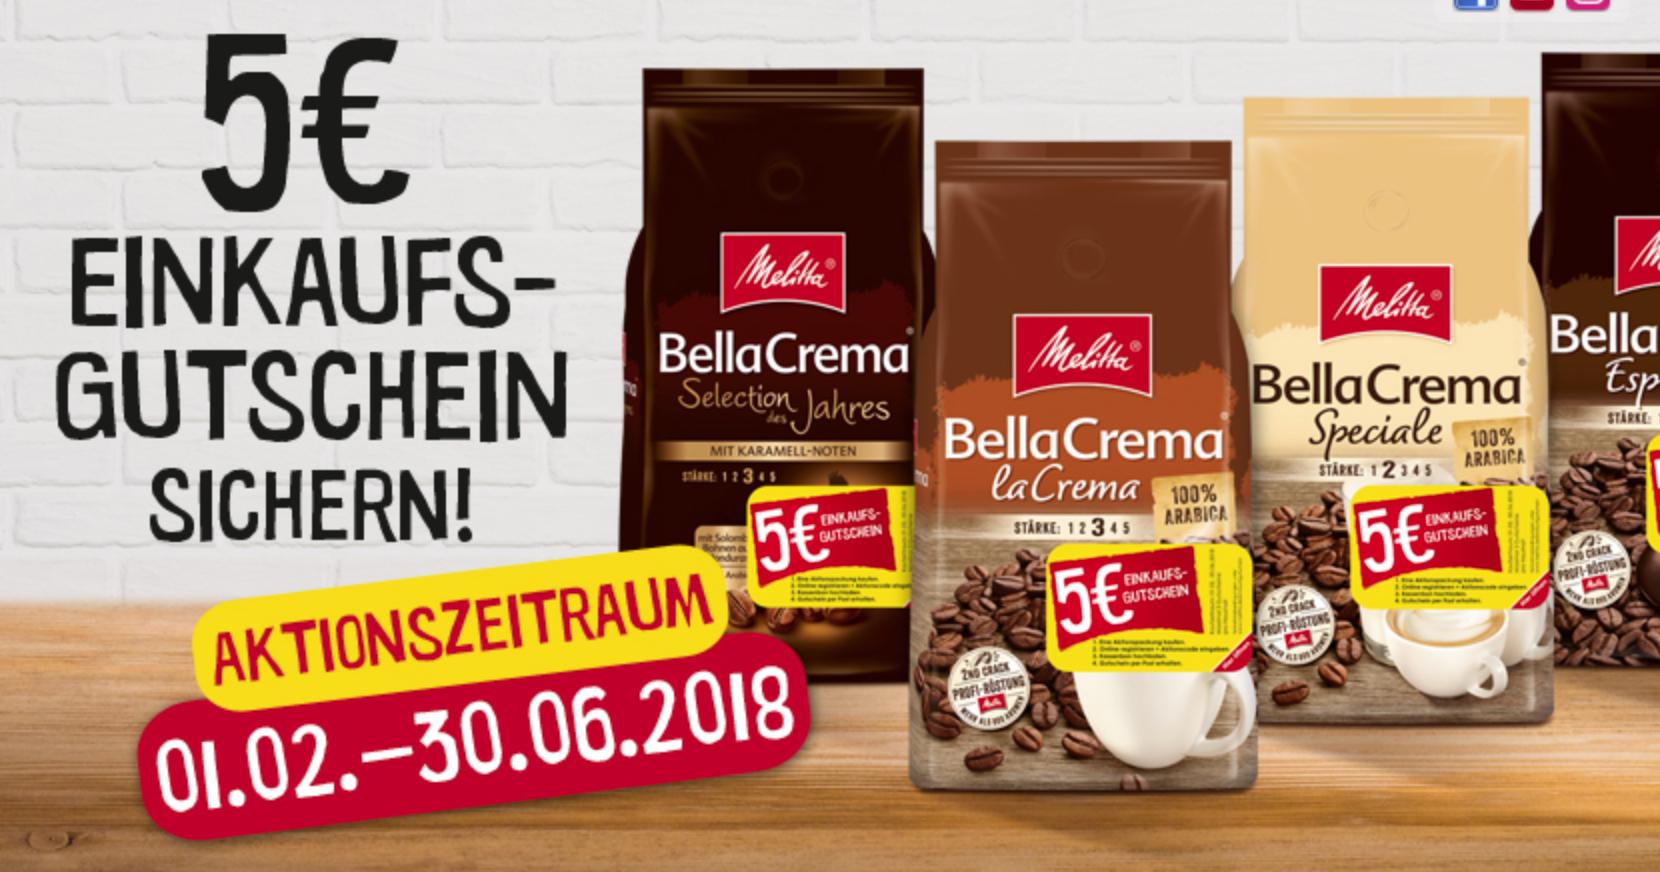 Cashback: Melitta BellaCrema für rechnerisch 3,88€/Kilo